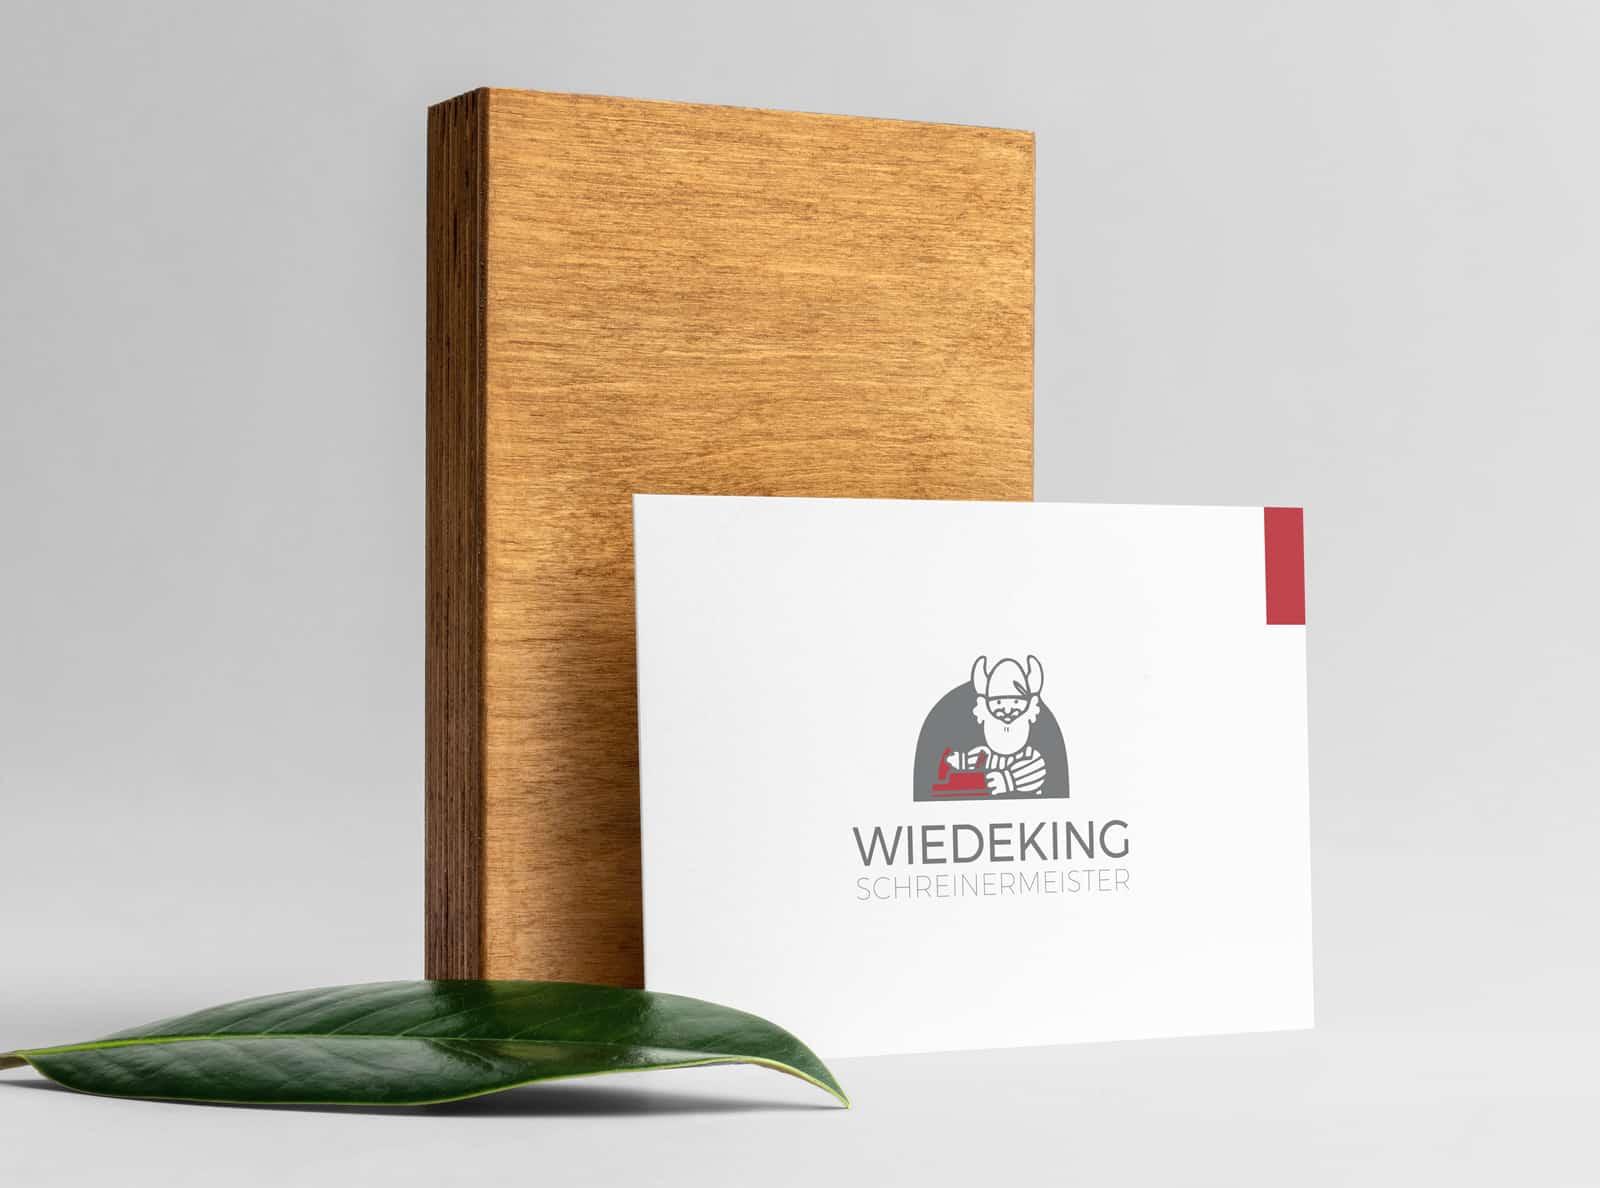 Wiedeking_Corporate-Identity_01